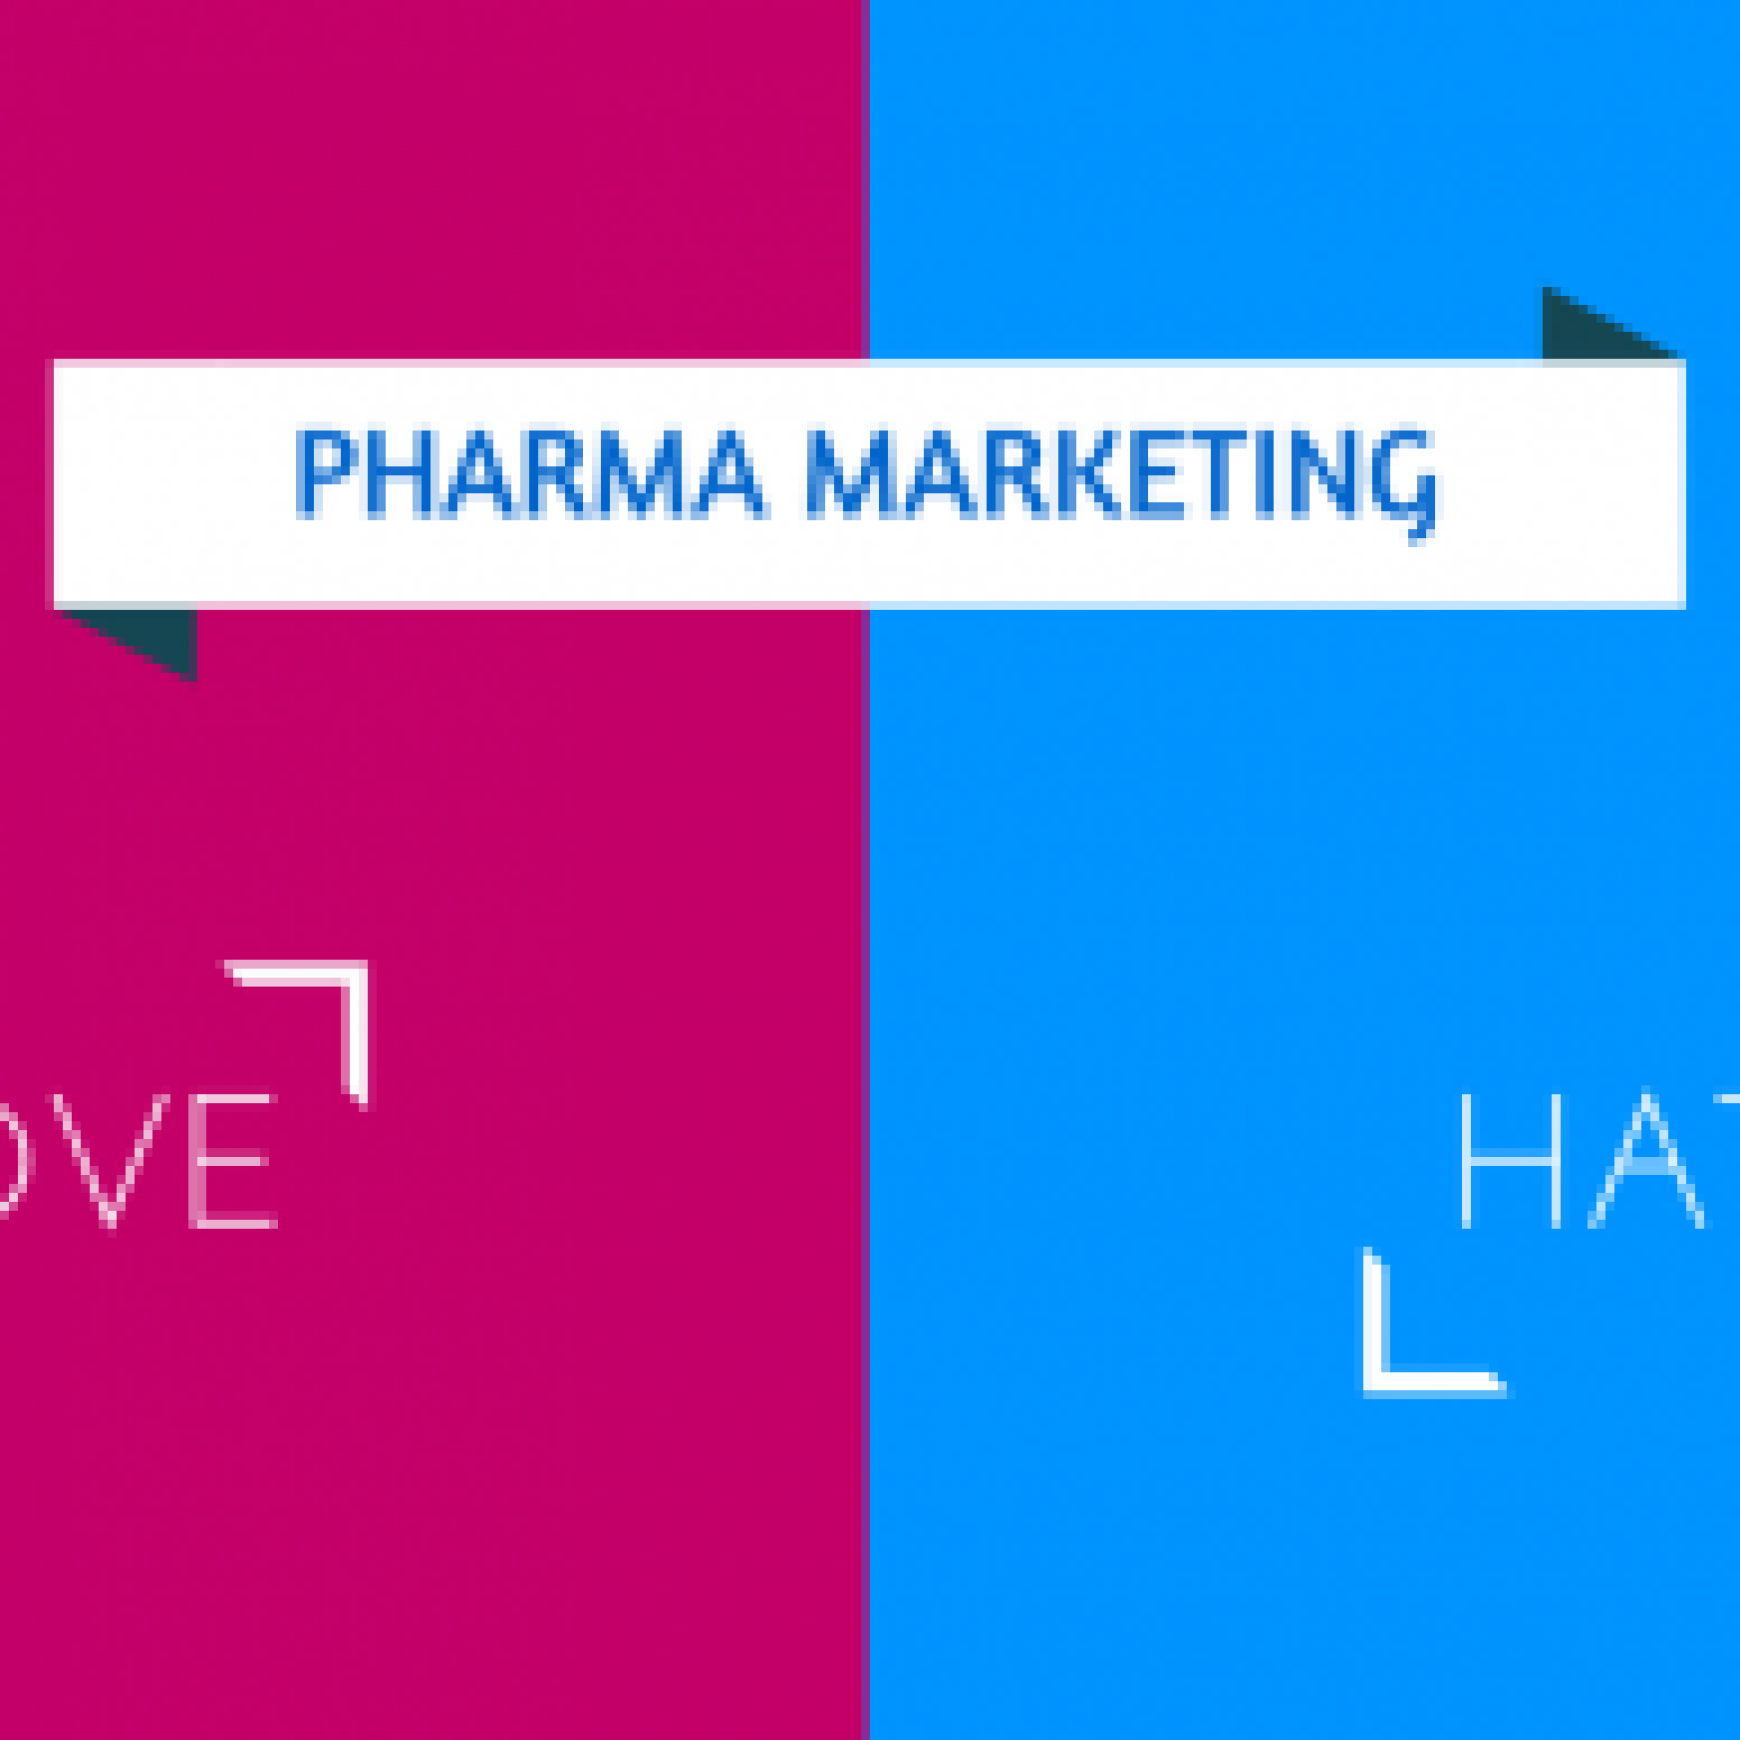 Φαρμακευτικό μάρκετινγκ και social media: Μια σχέση αγάπης και μίσους